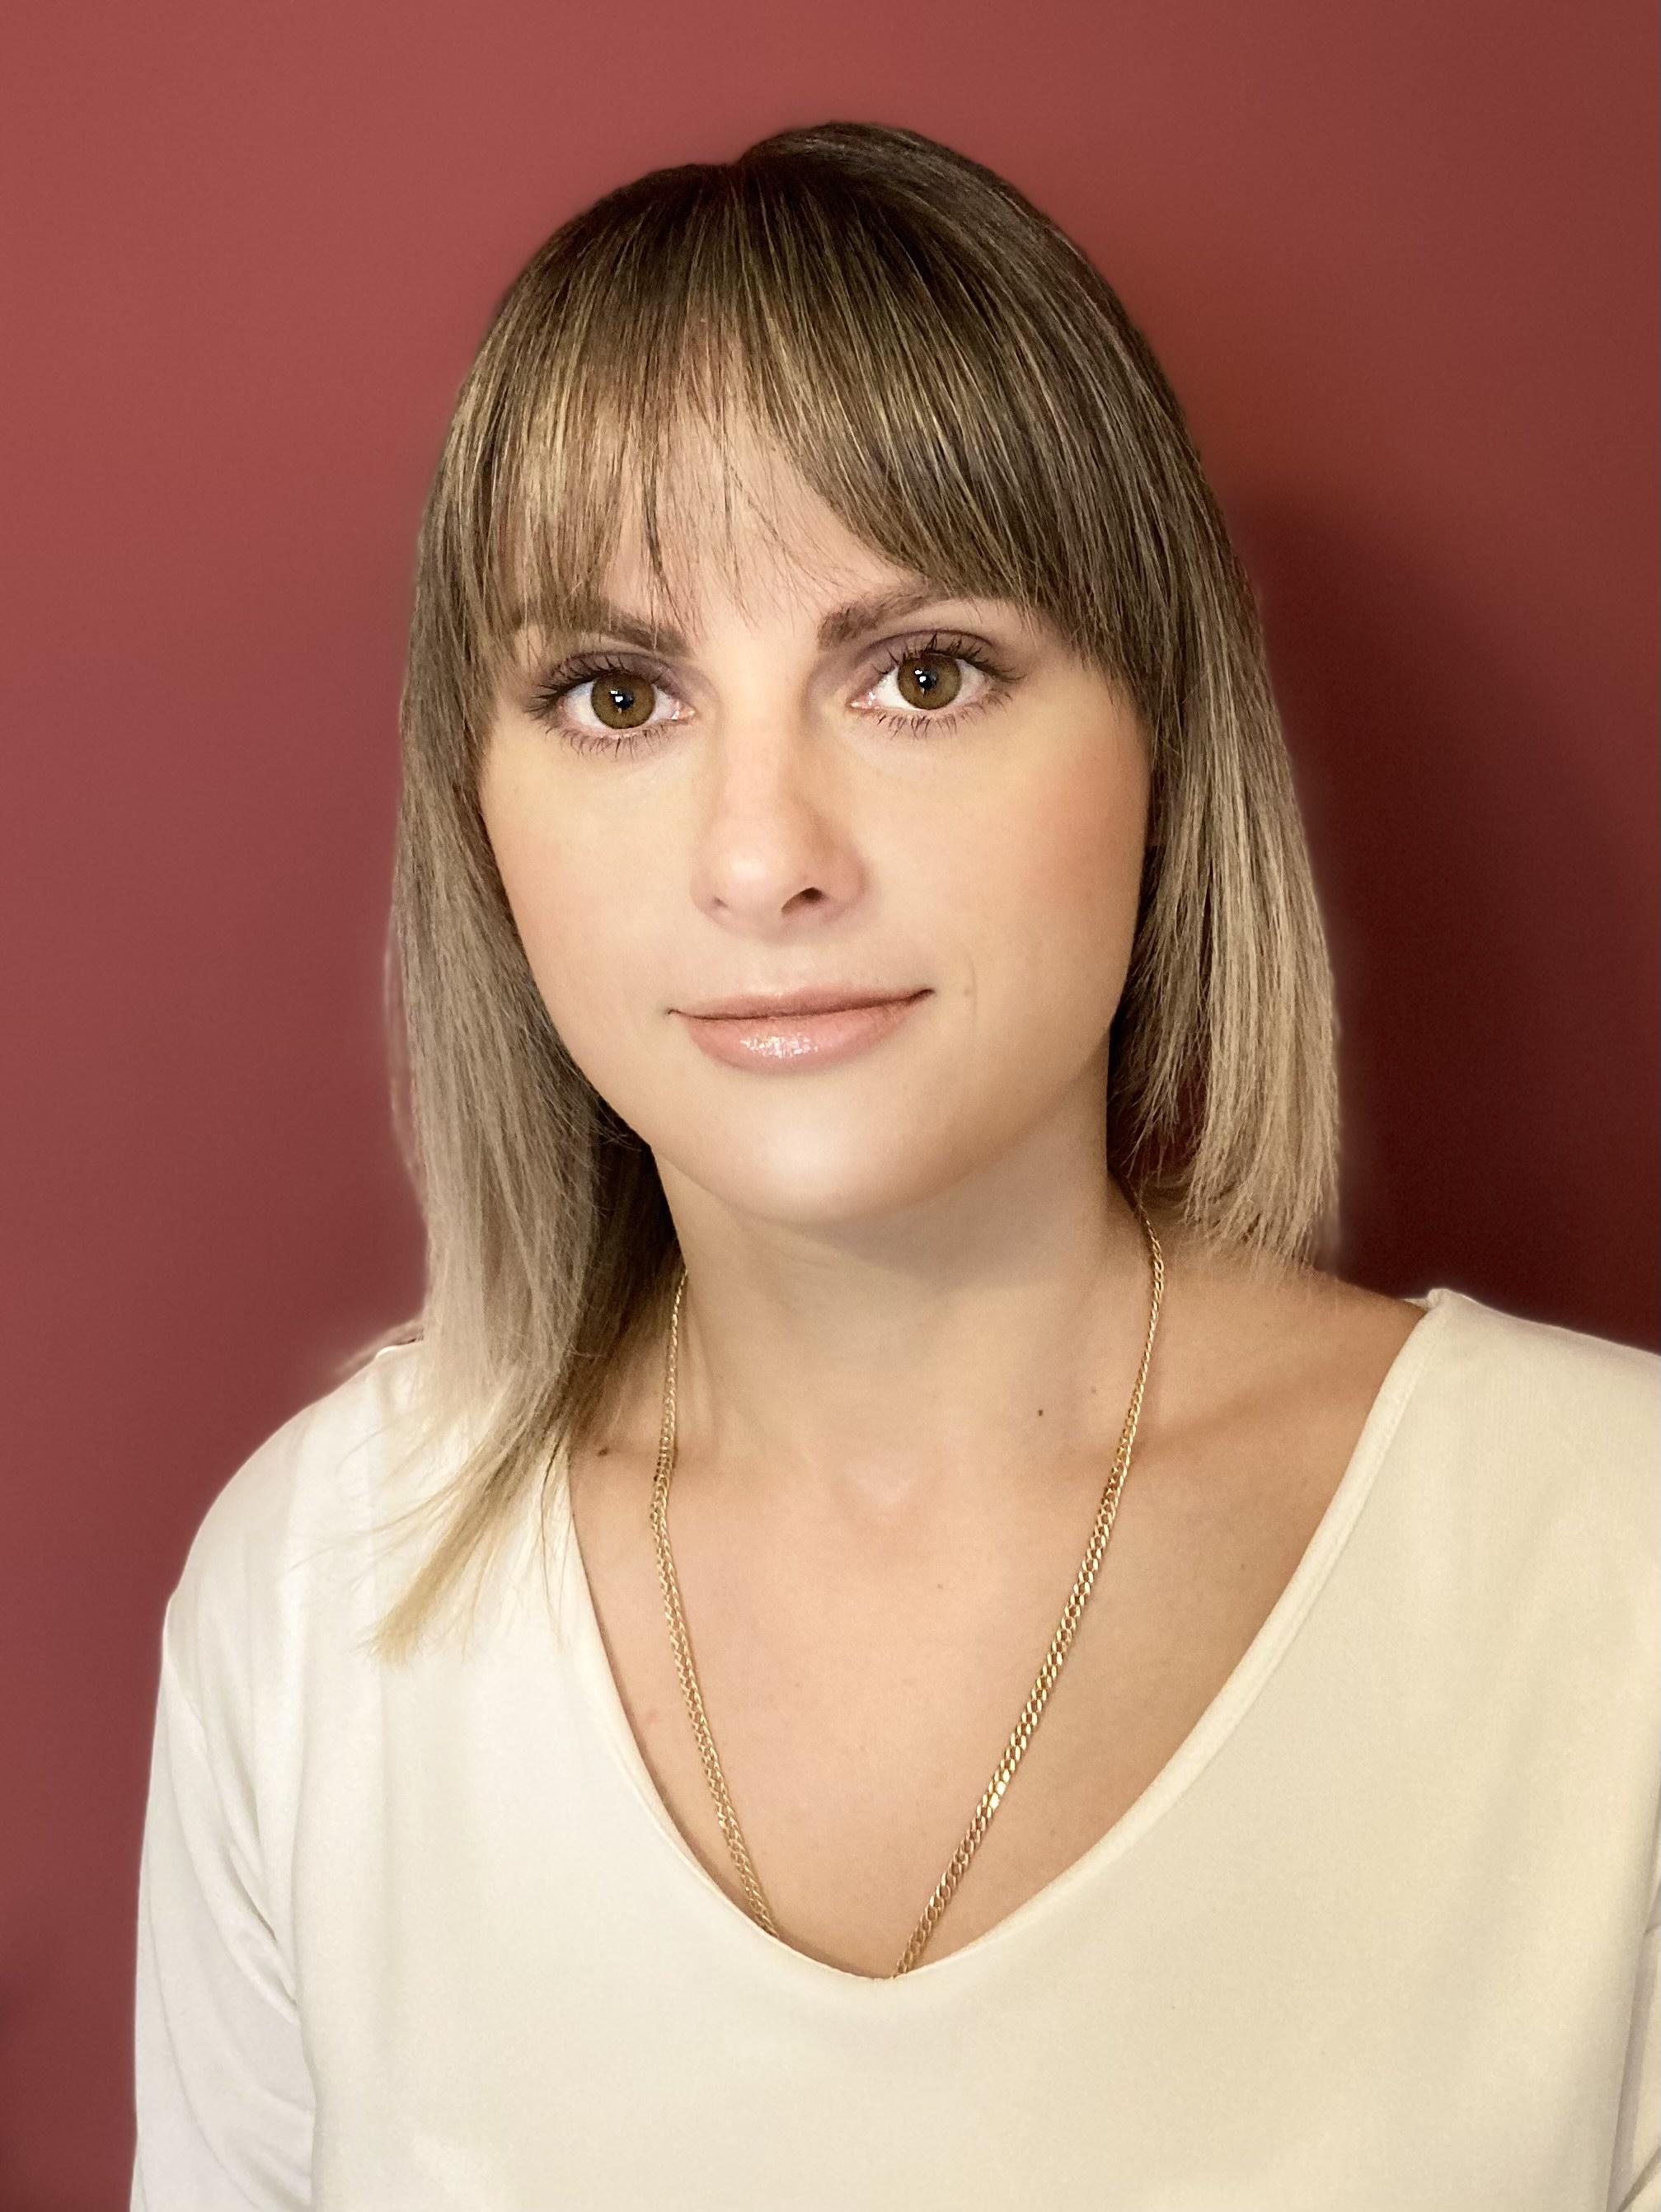 Juliana Milheva